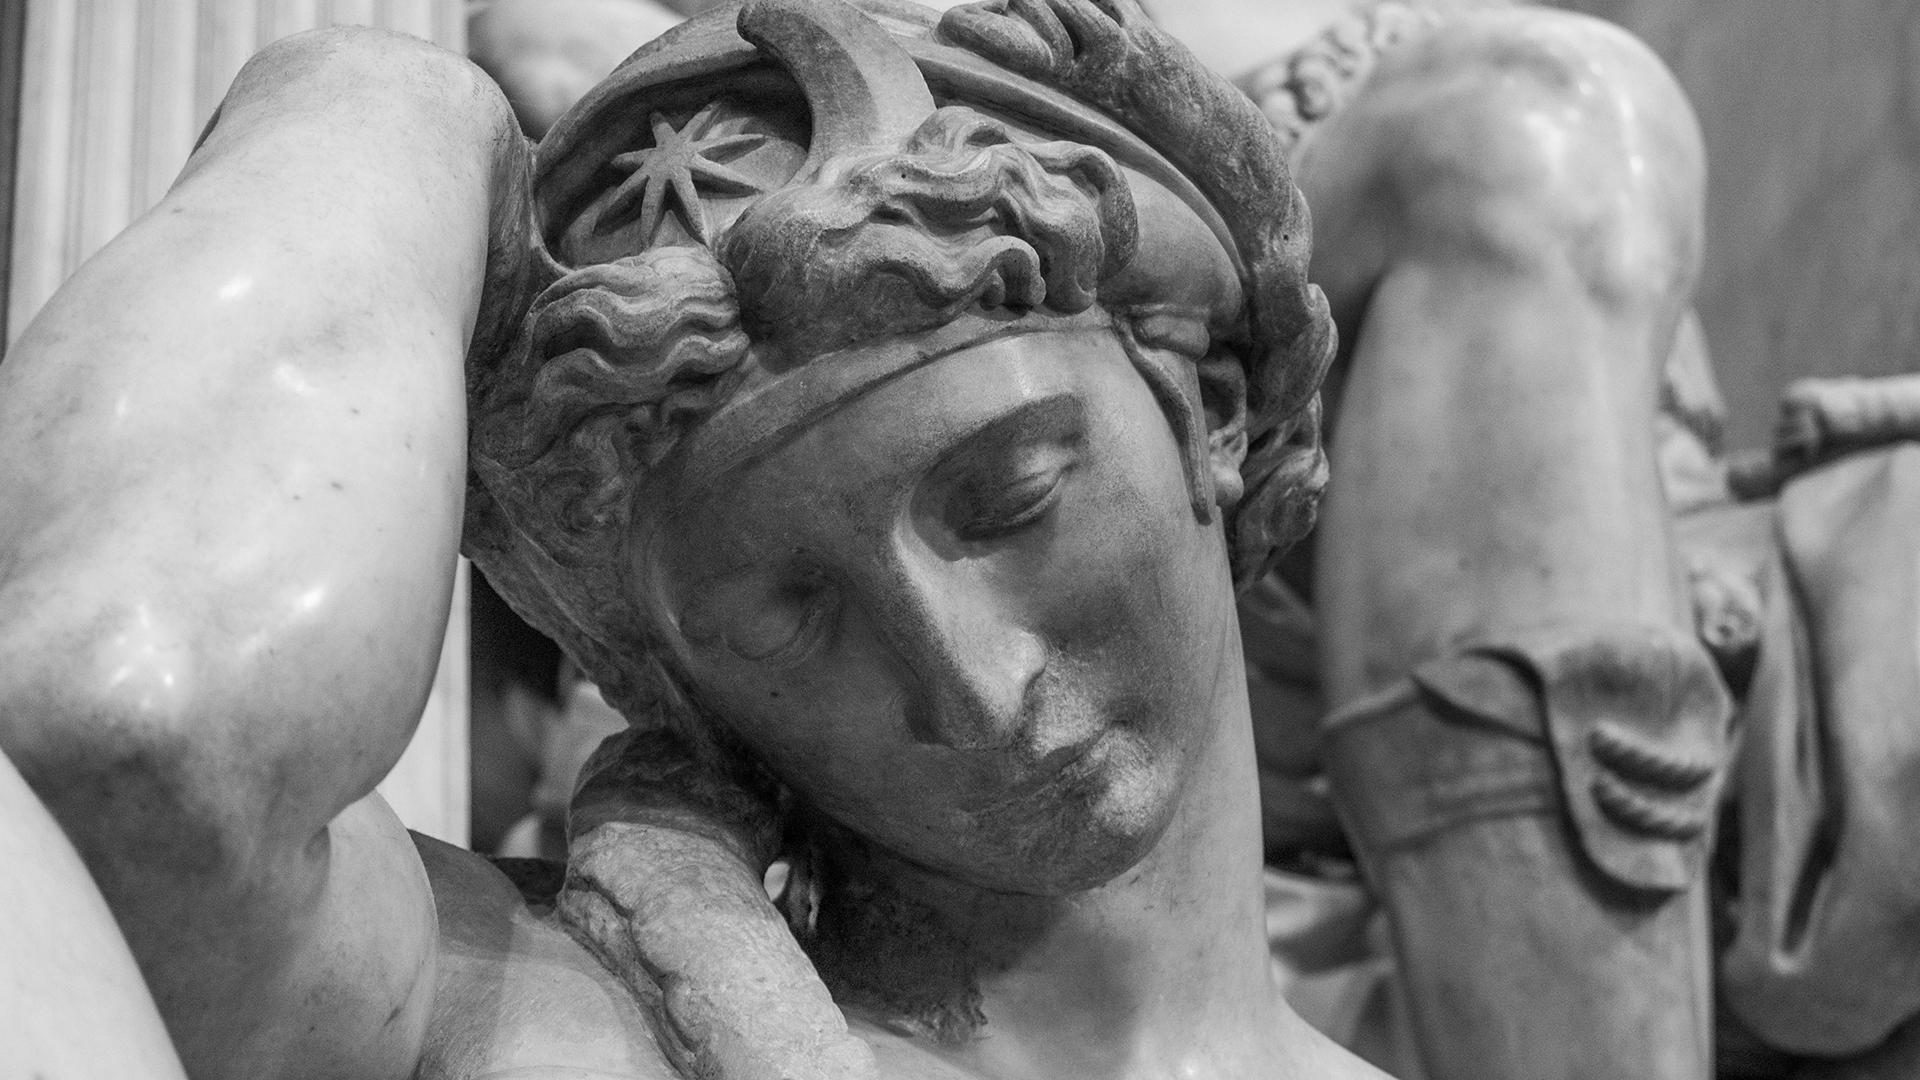 Miguel Ángel escultor